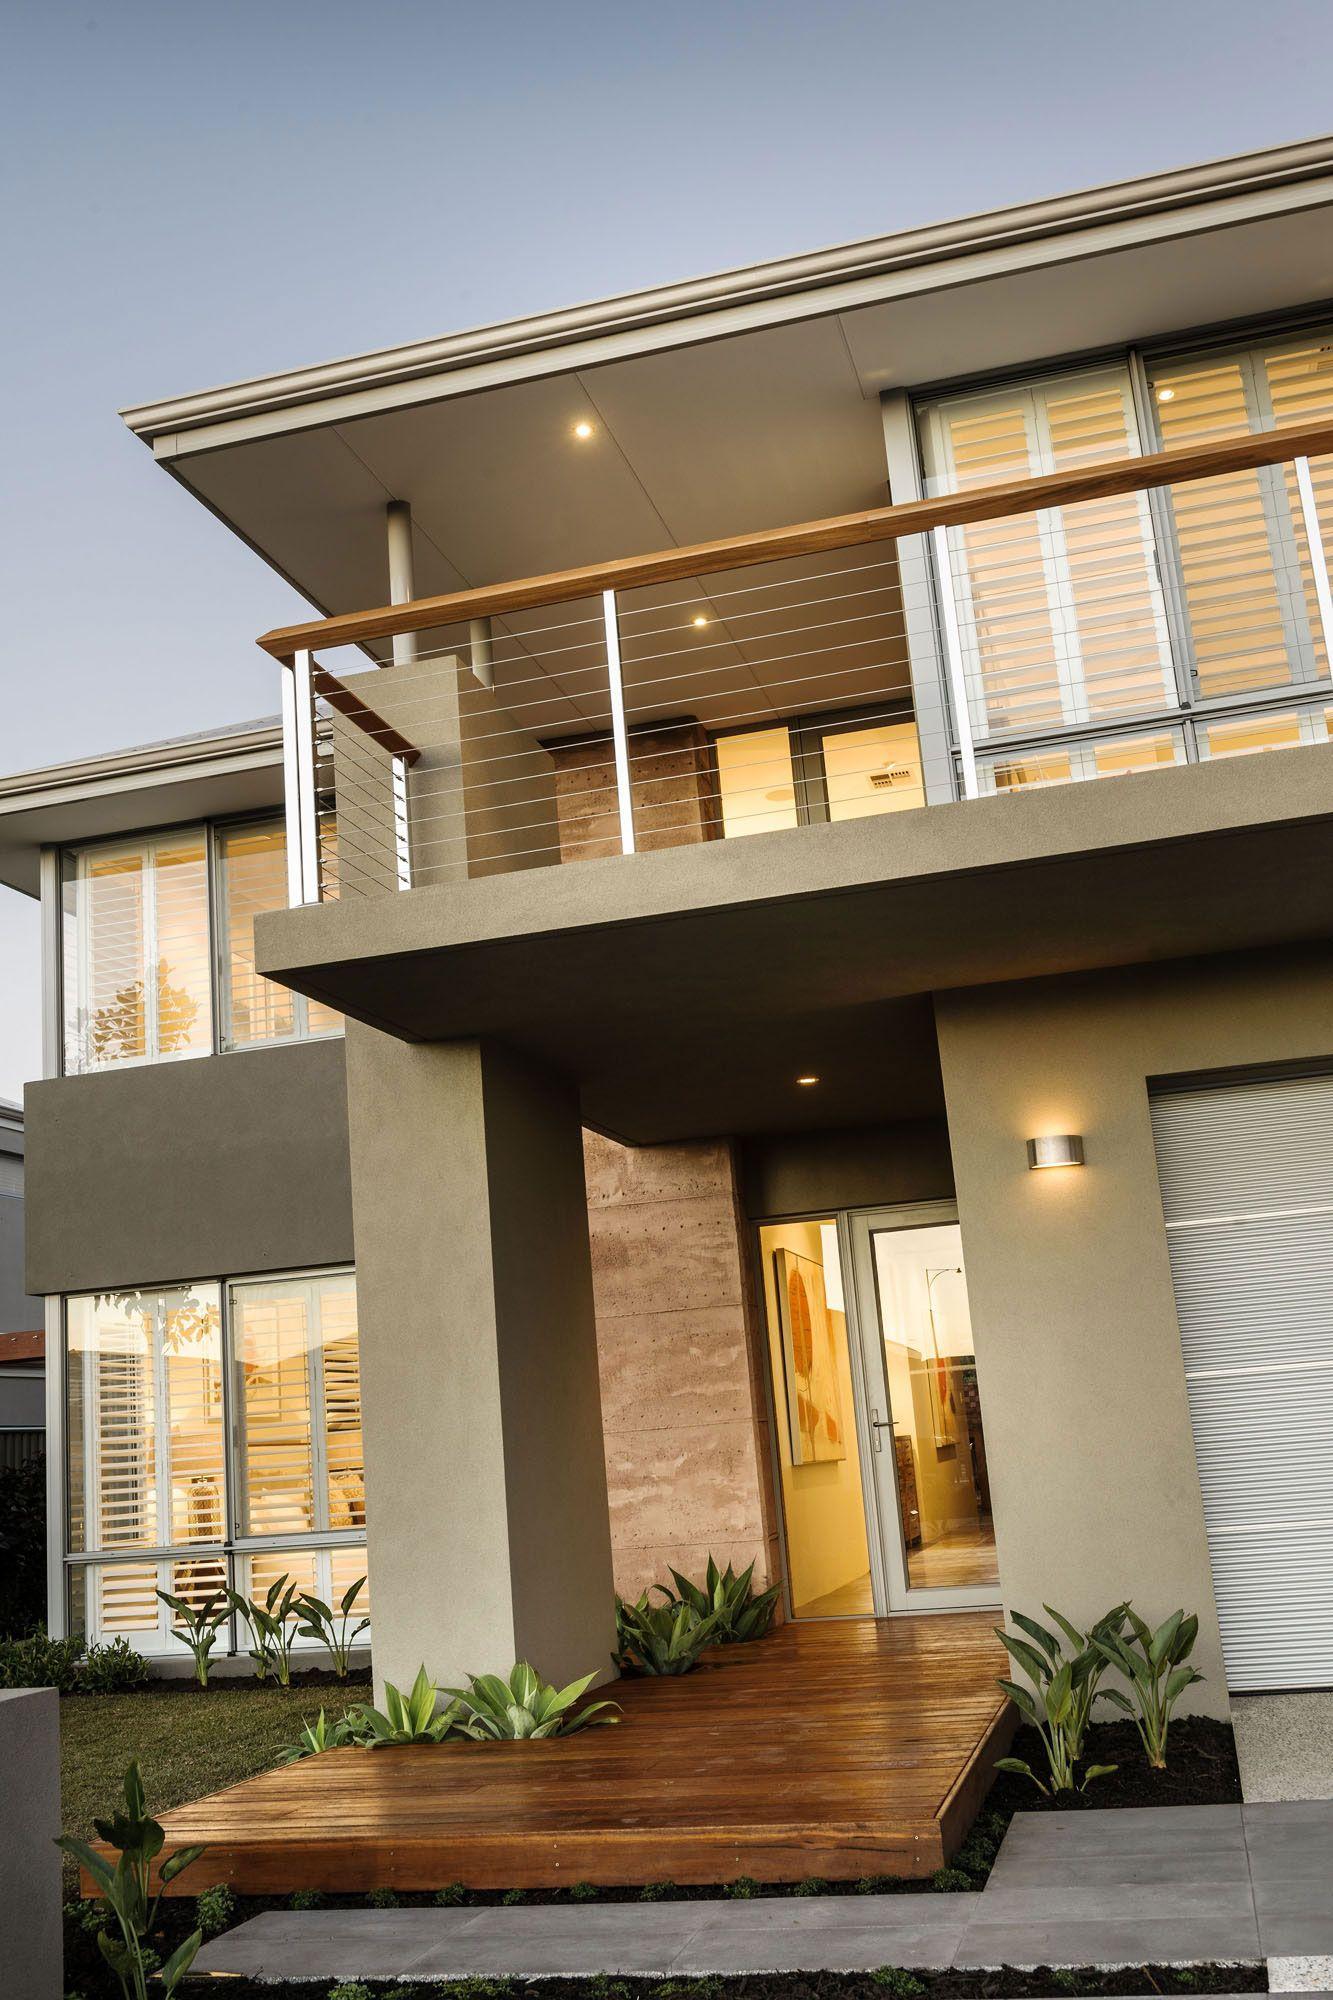 Casa moderna de dos pisos con hermoso dise o de fachada e for Casa moderna ladrillo